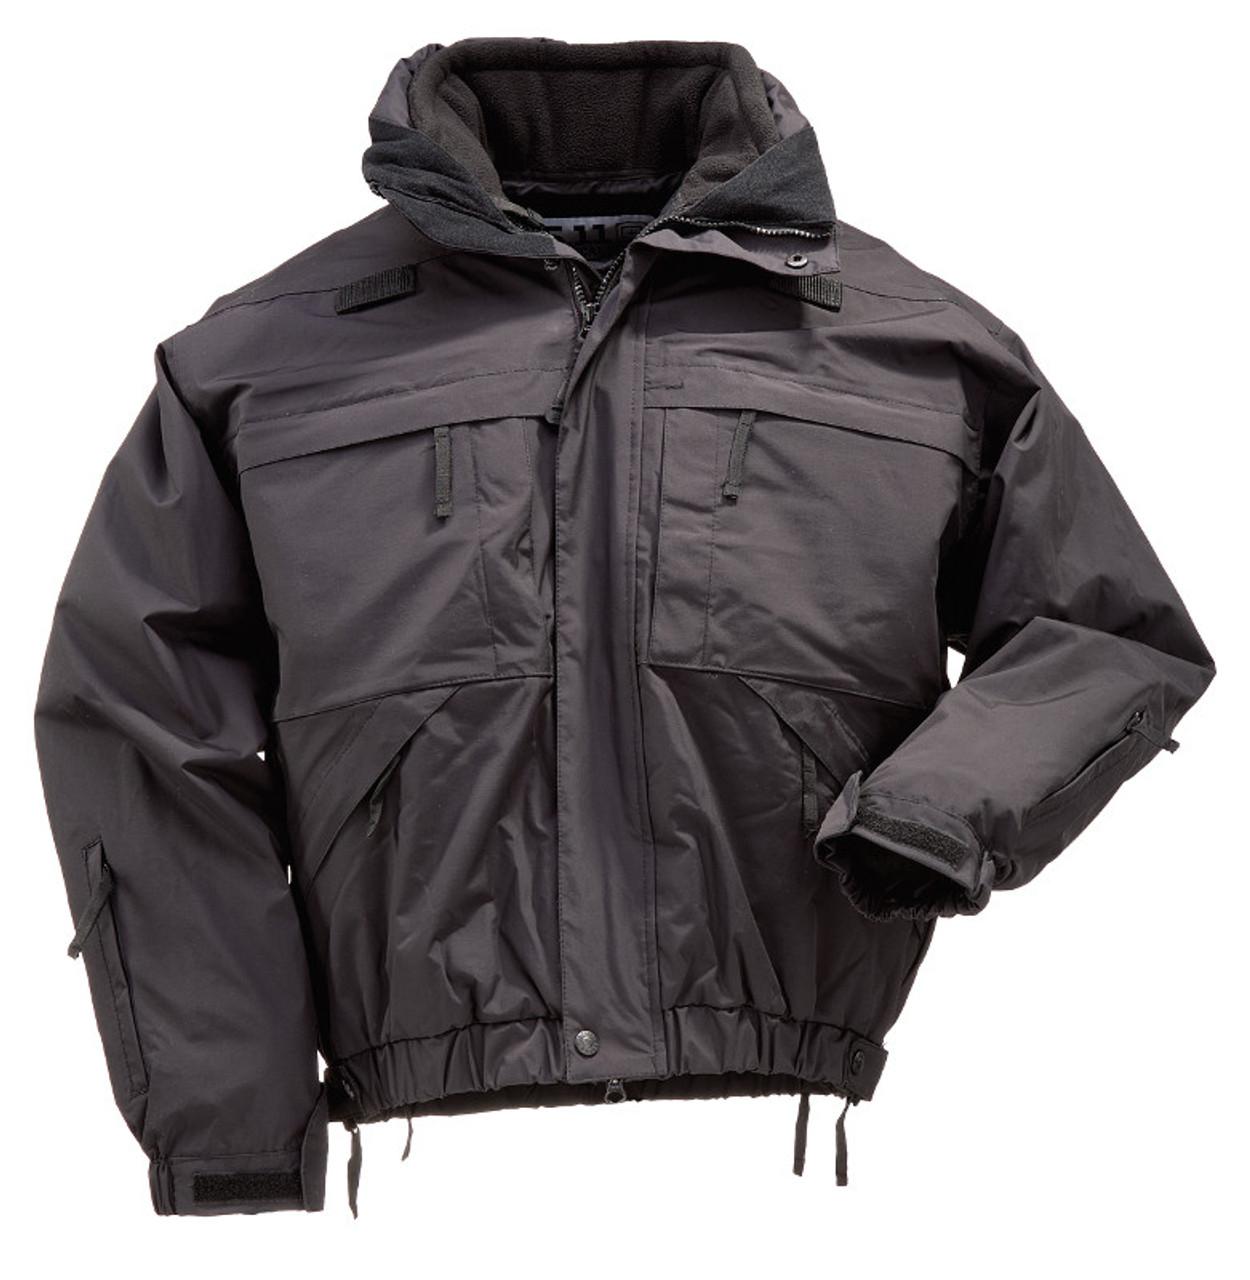 b1a23a4da9d 5.11 Tactical Fleece - Black (019)